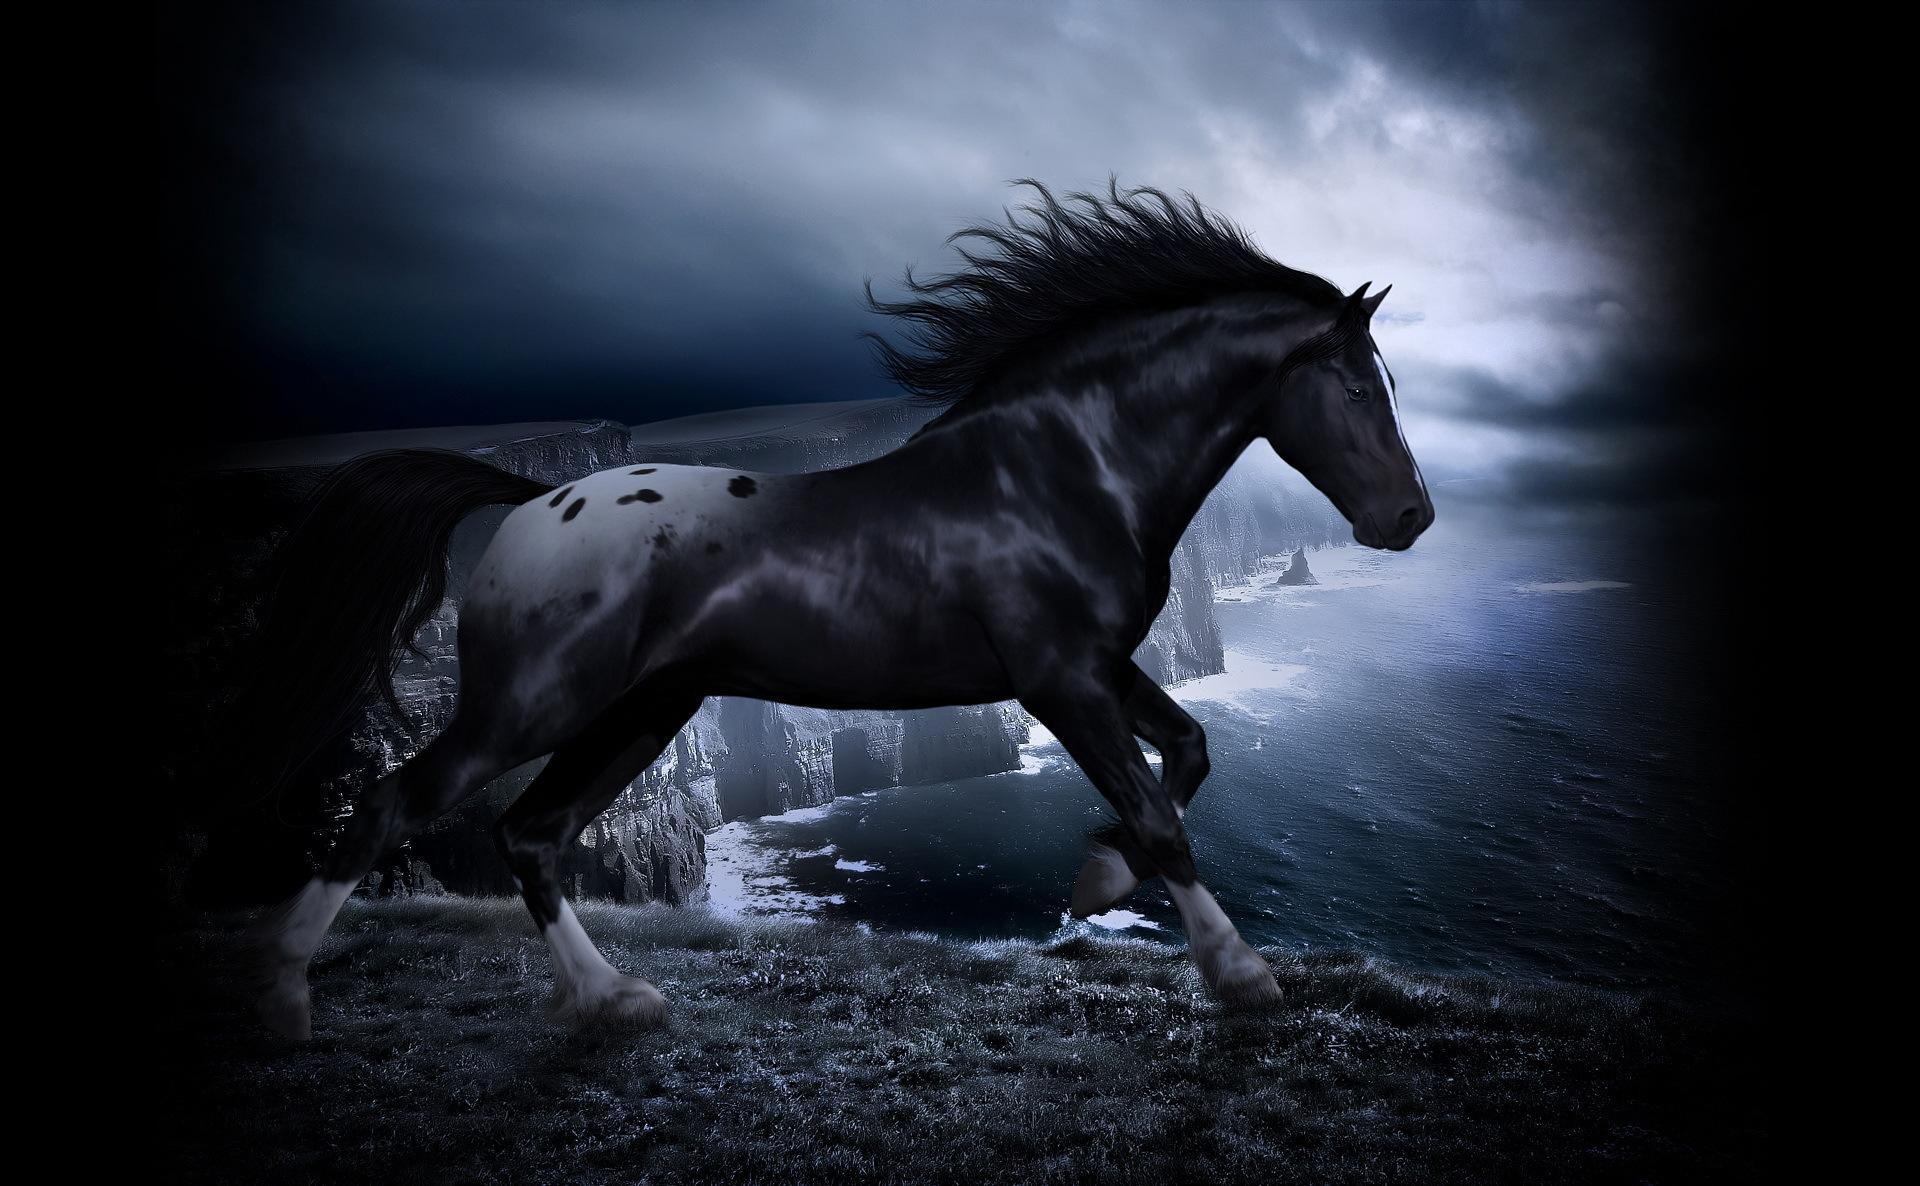 3d horse wallpaper,horse,stallion,mane,black and white,sky